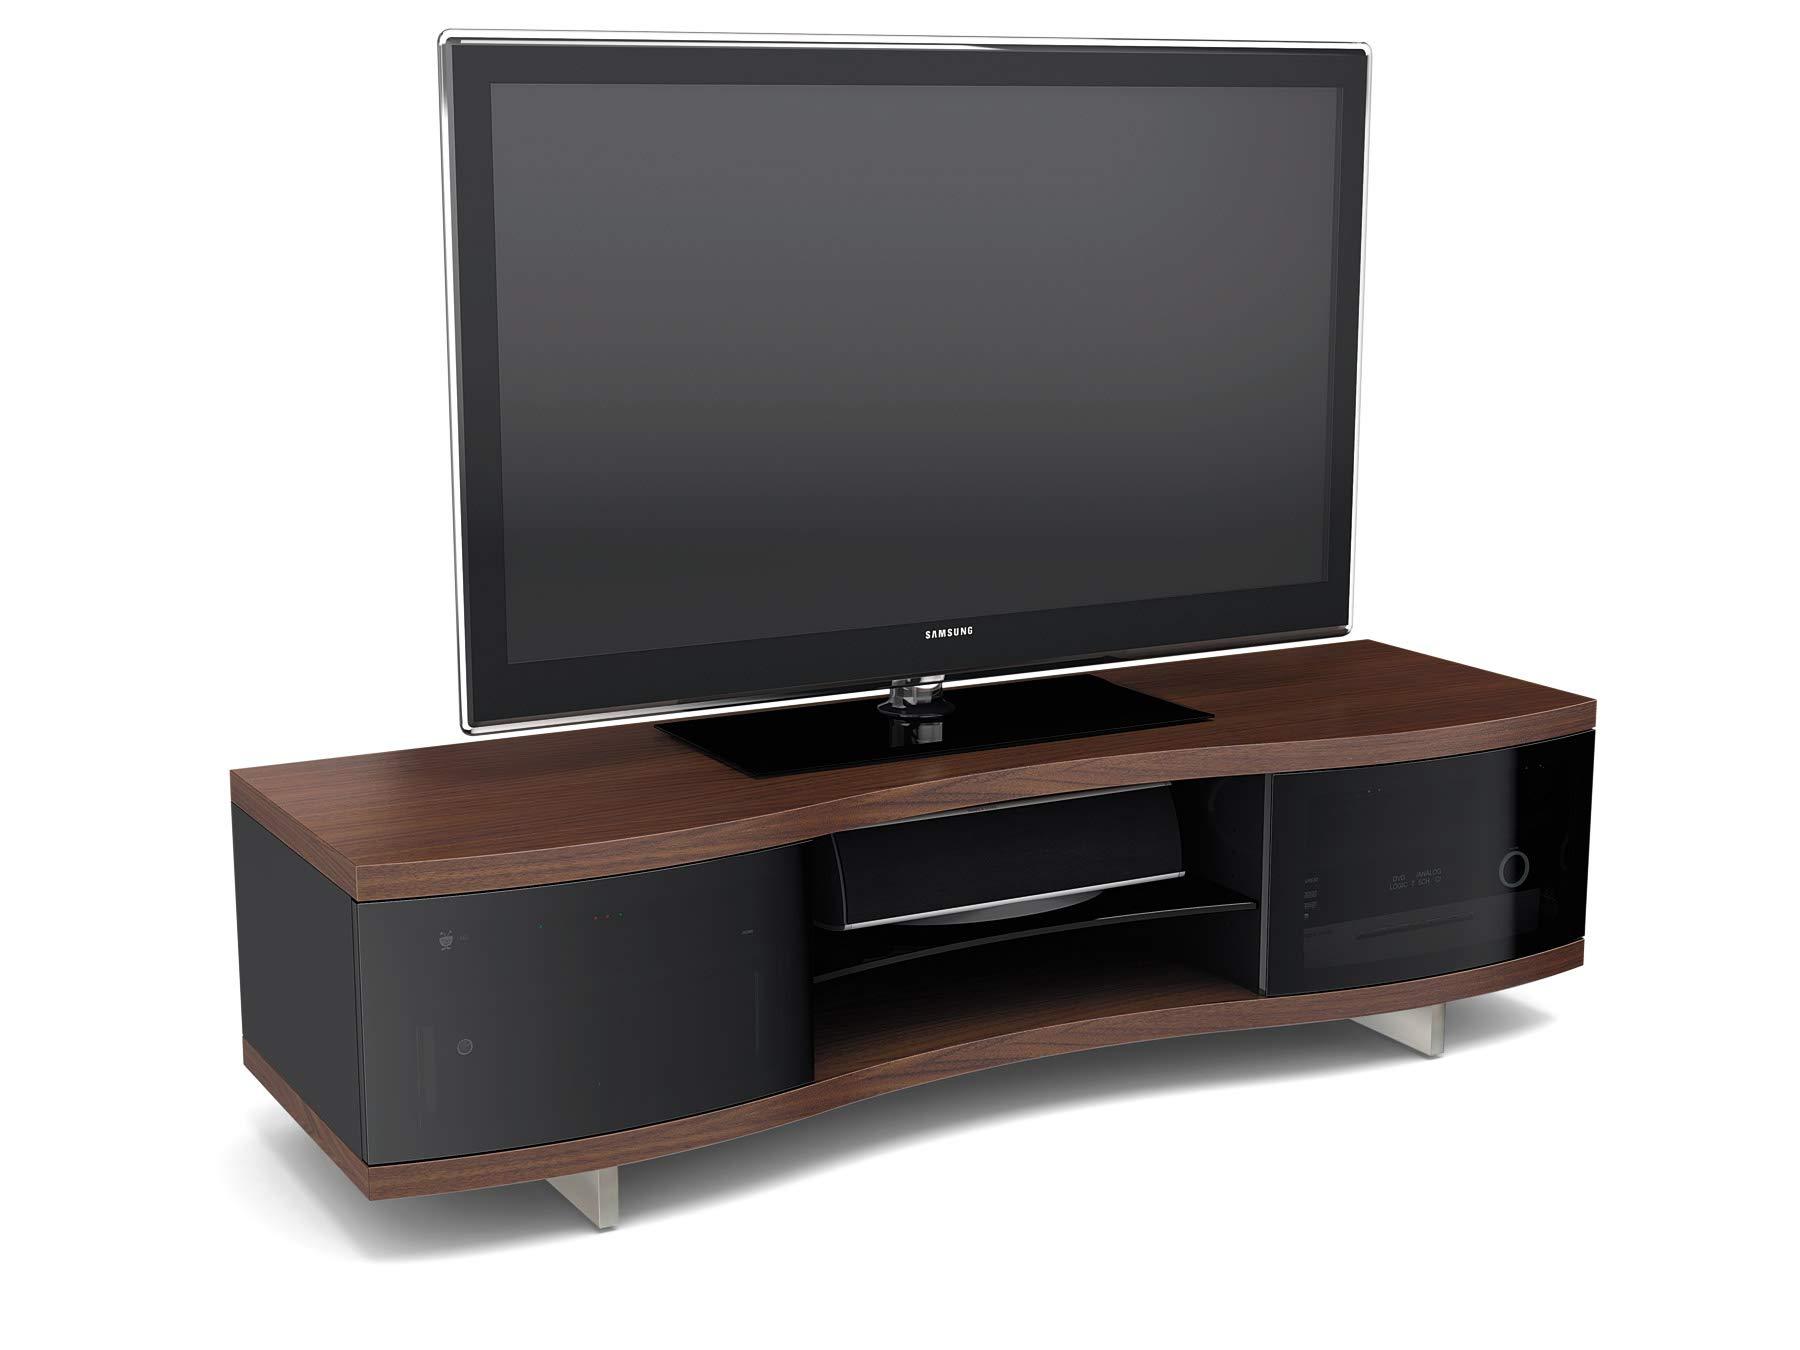 Bdi Ola 8137 Premium - Mueble para televisor, diseño Curvado Castaño Chocolate: Amazon.es: Electrónica